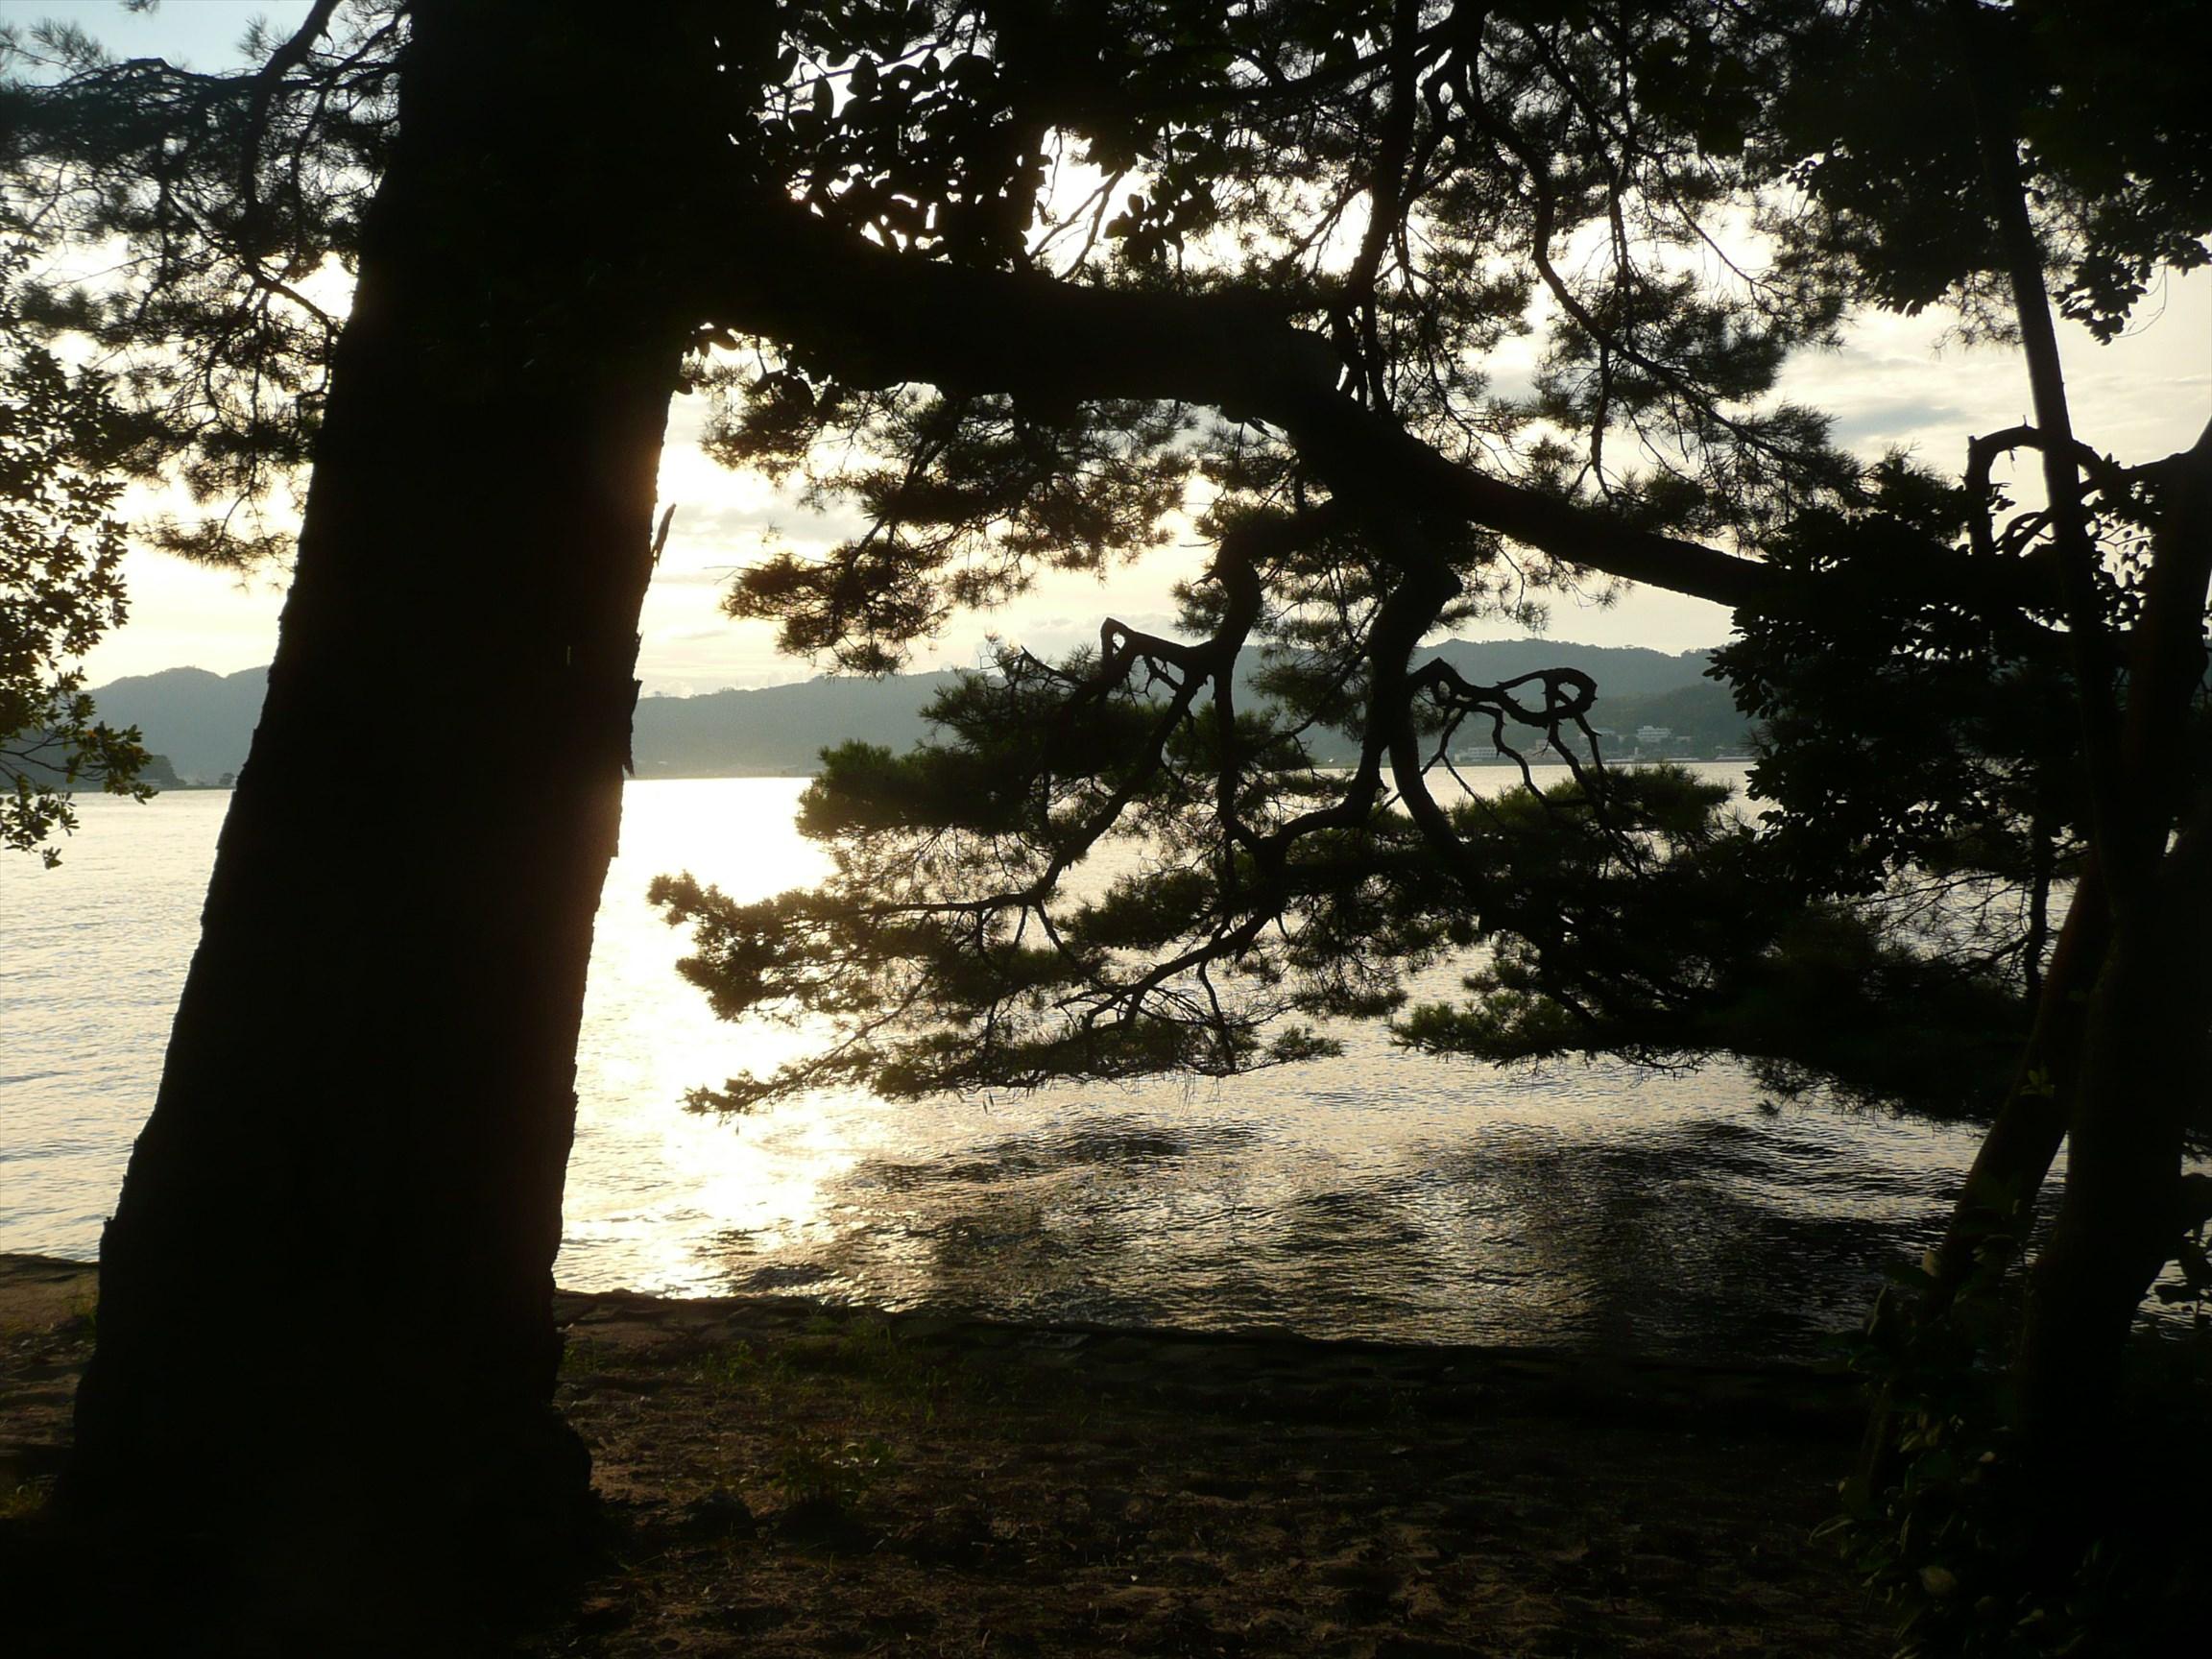 天橋立 日本三景の夕景を見てきたぞ 徒歩より自転車がオススメ